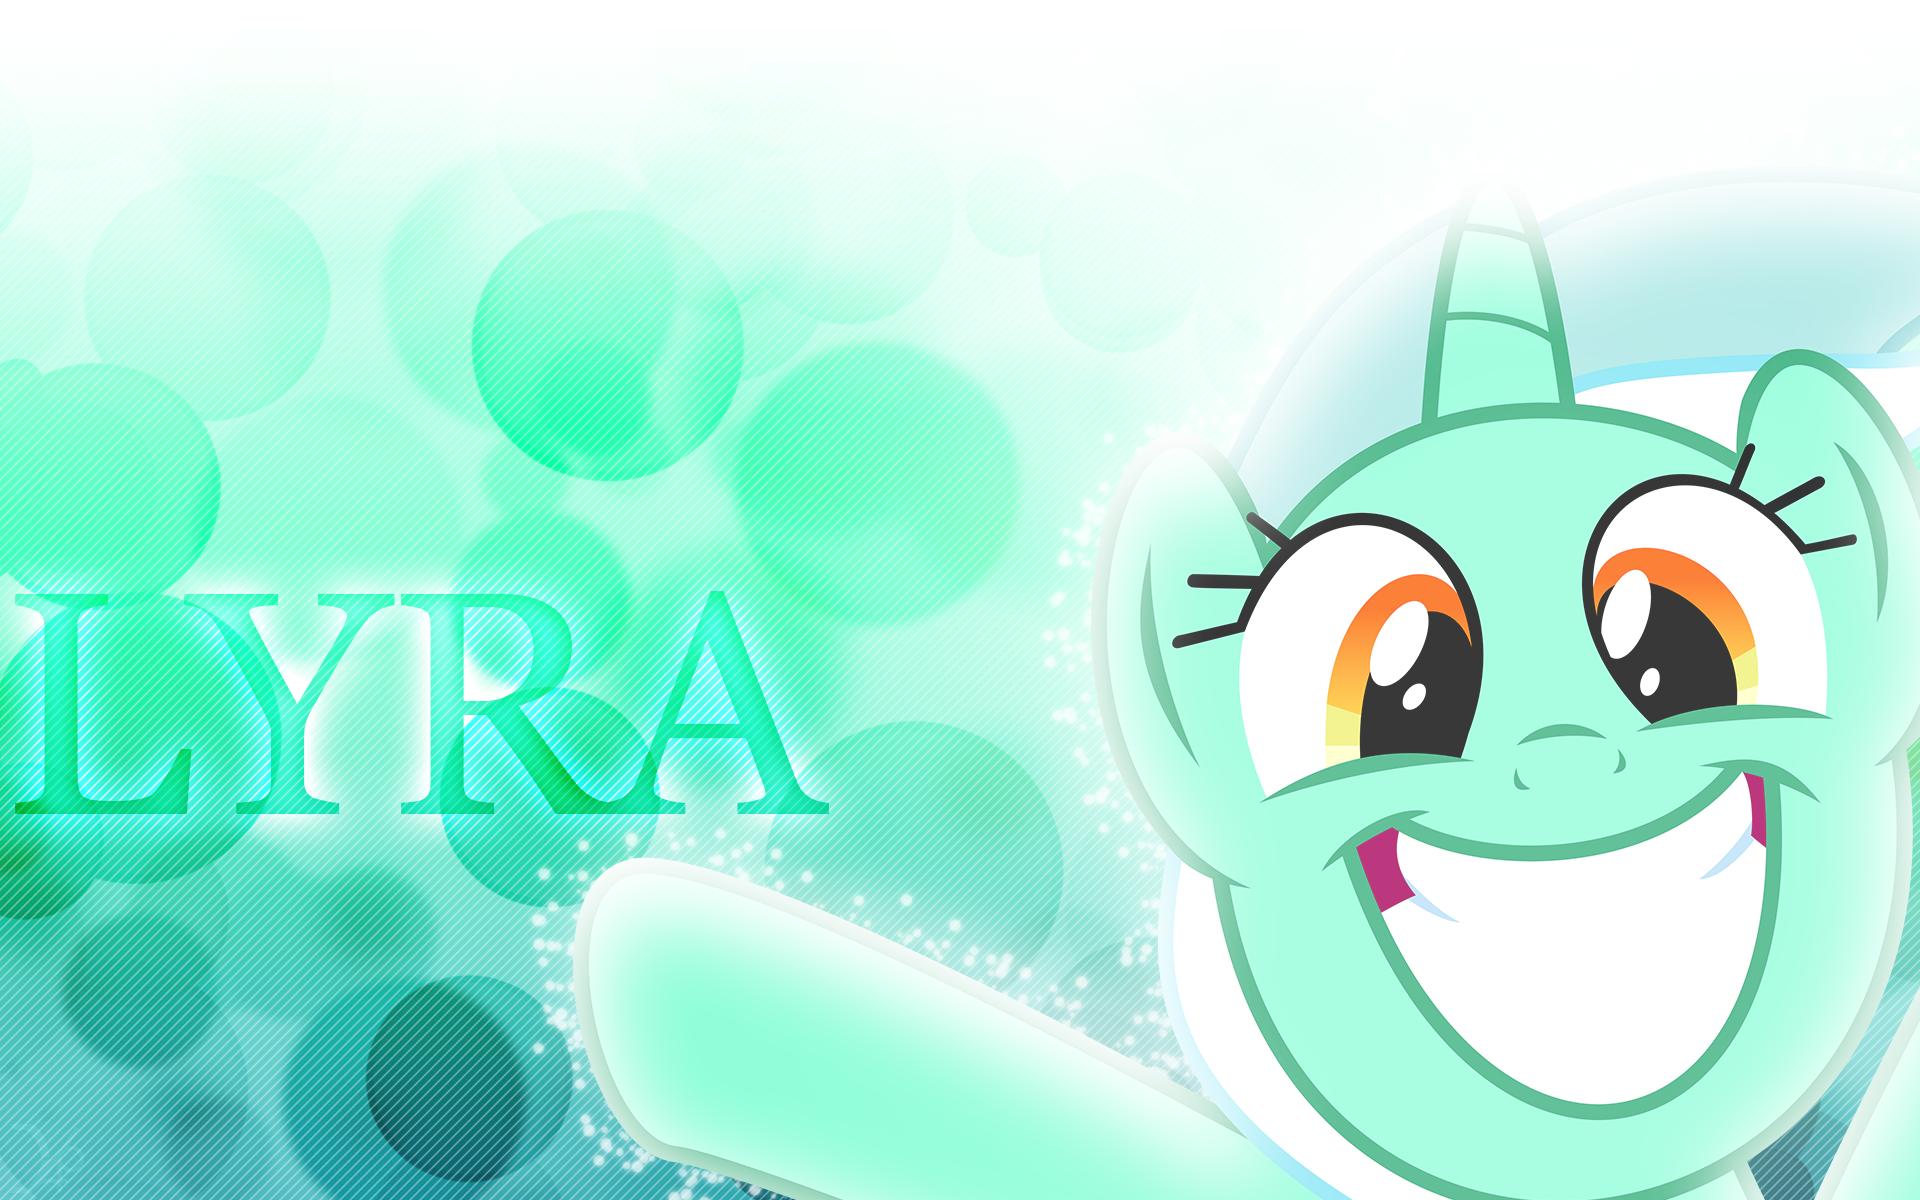 LYRA!!! by dadio46 and MysteriousKaos